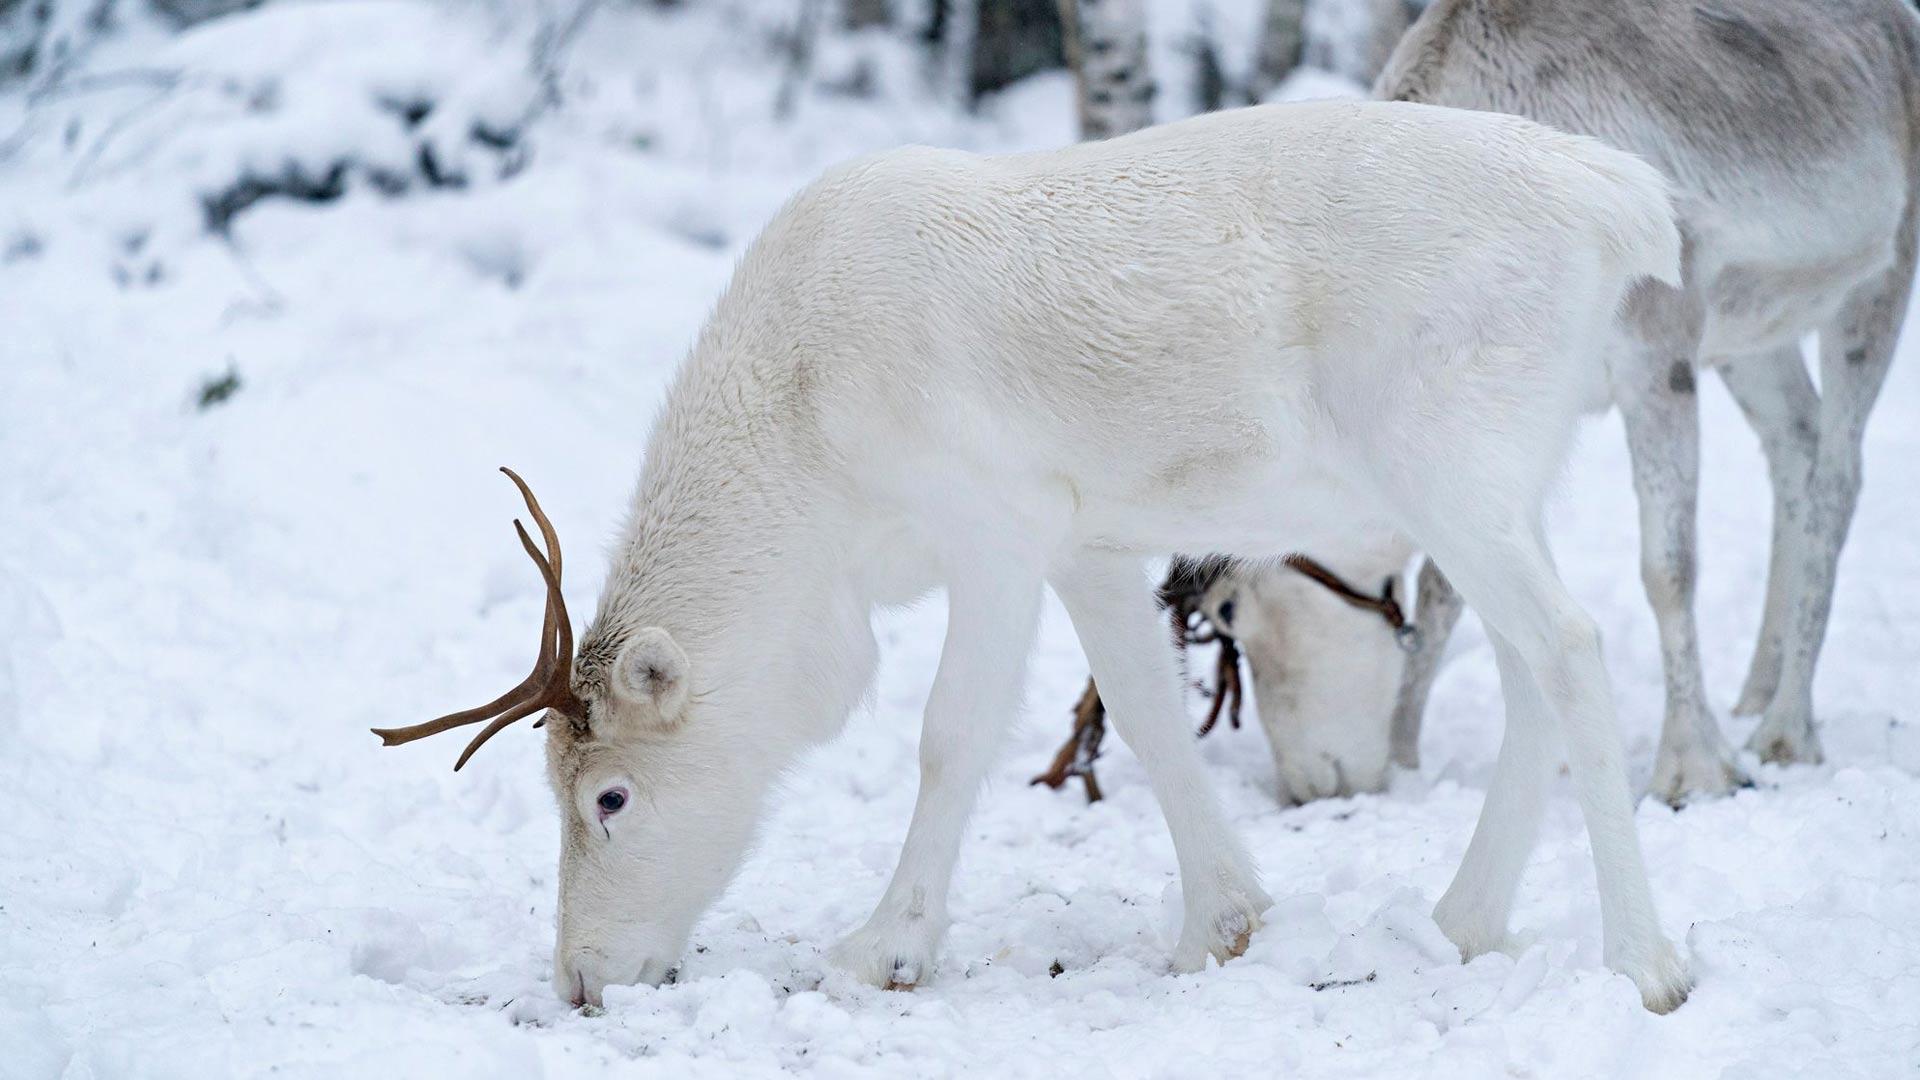 Alpo on täysin valkoinen poro eli valkko. Alpoa kiusattiin pienenä kuin Joulupukin Petteriä, koska se oli muita poroja heikompi.